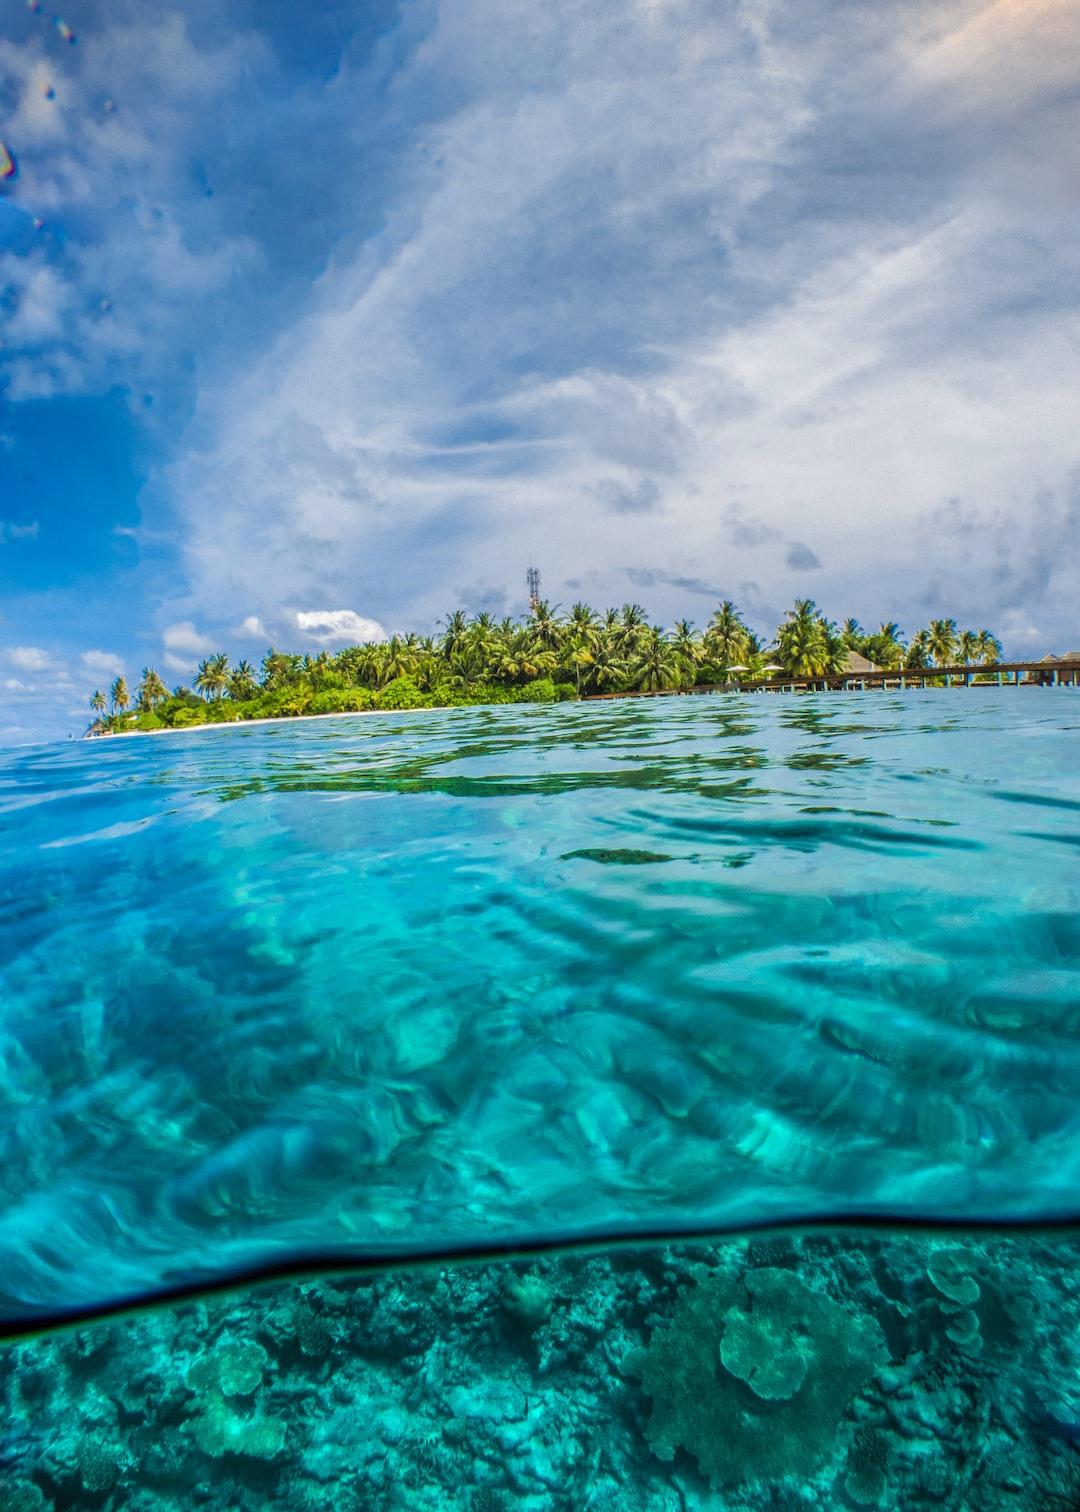 Gambar samudera